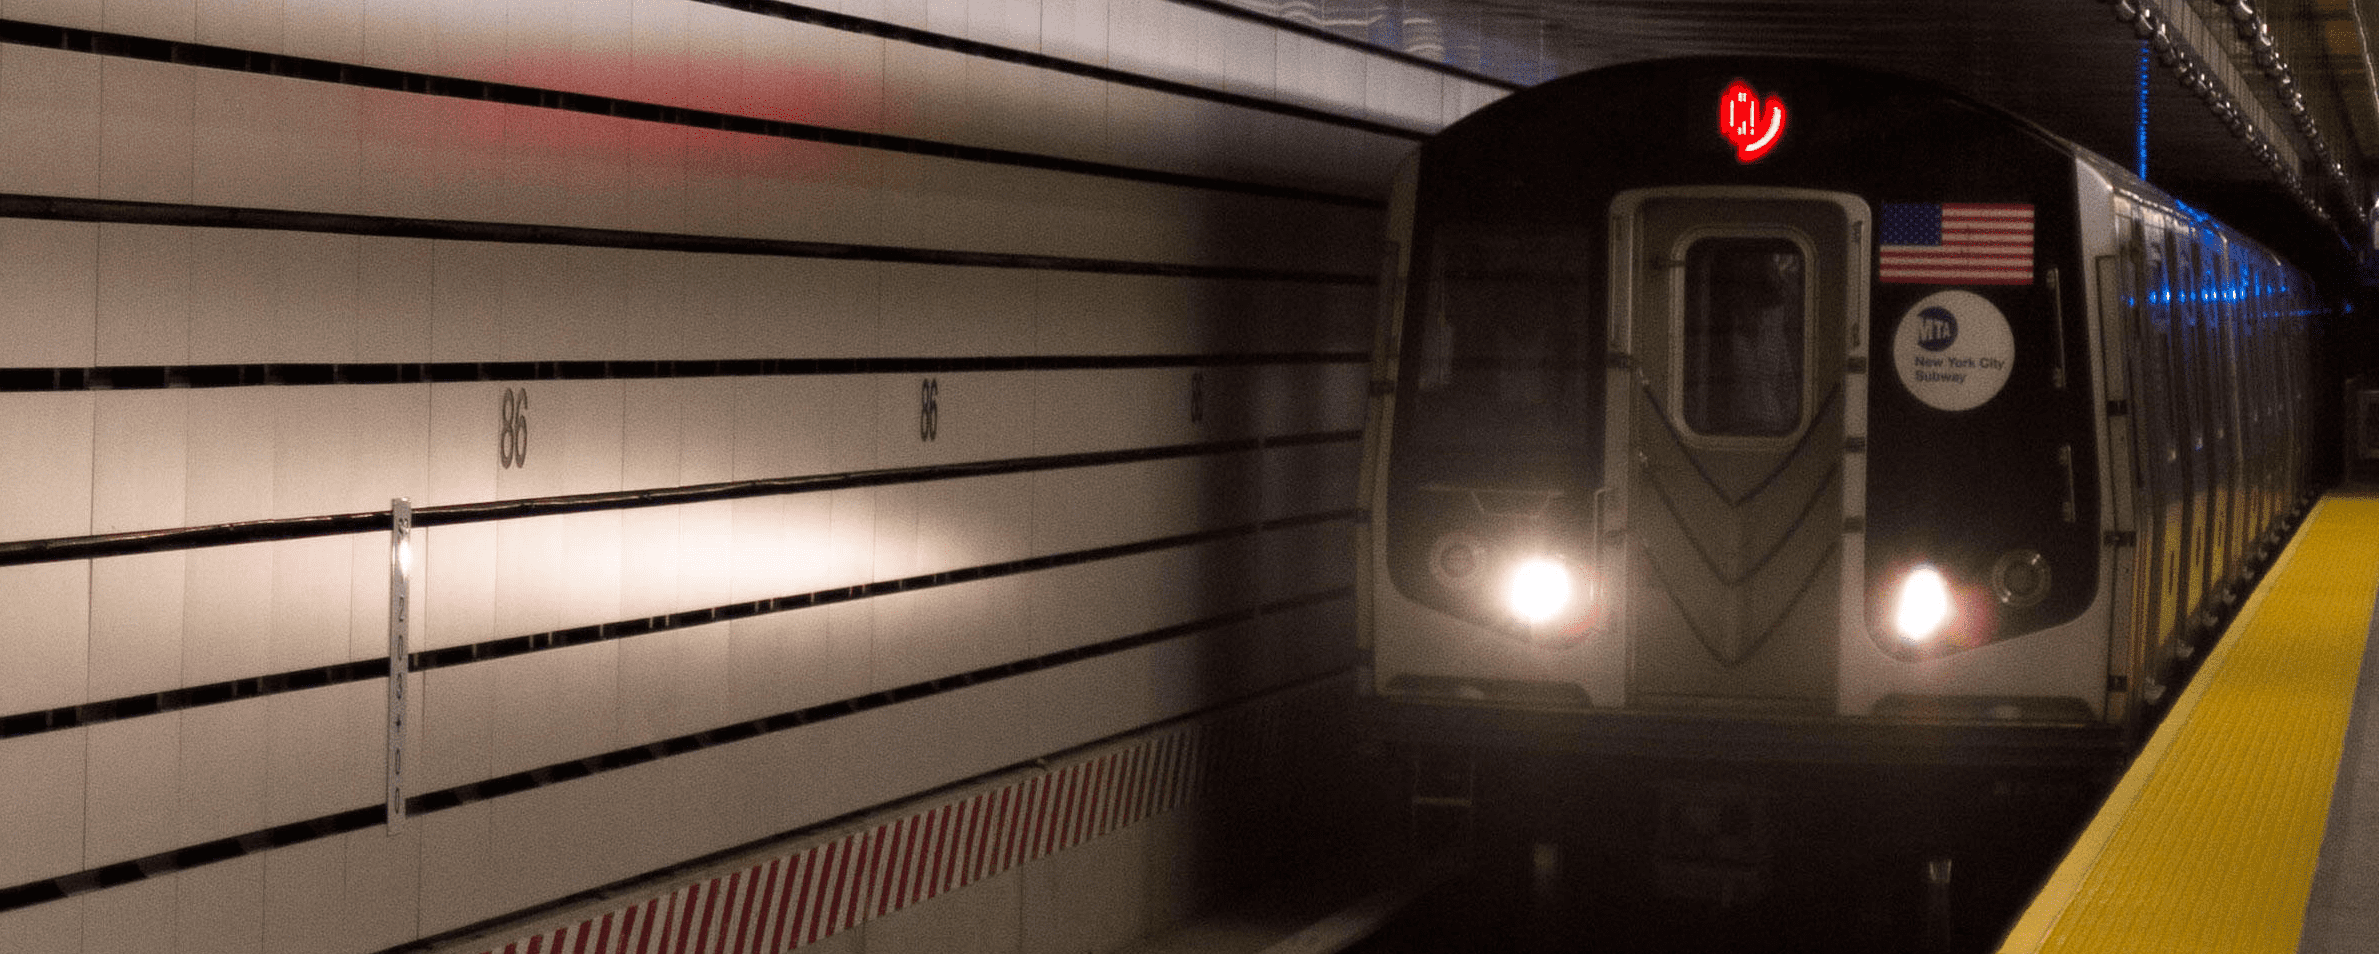 tren-1-1